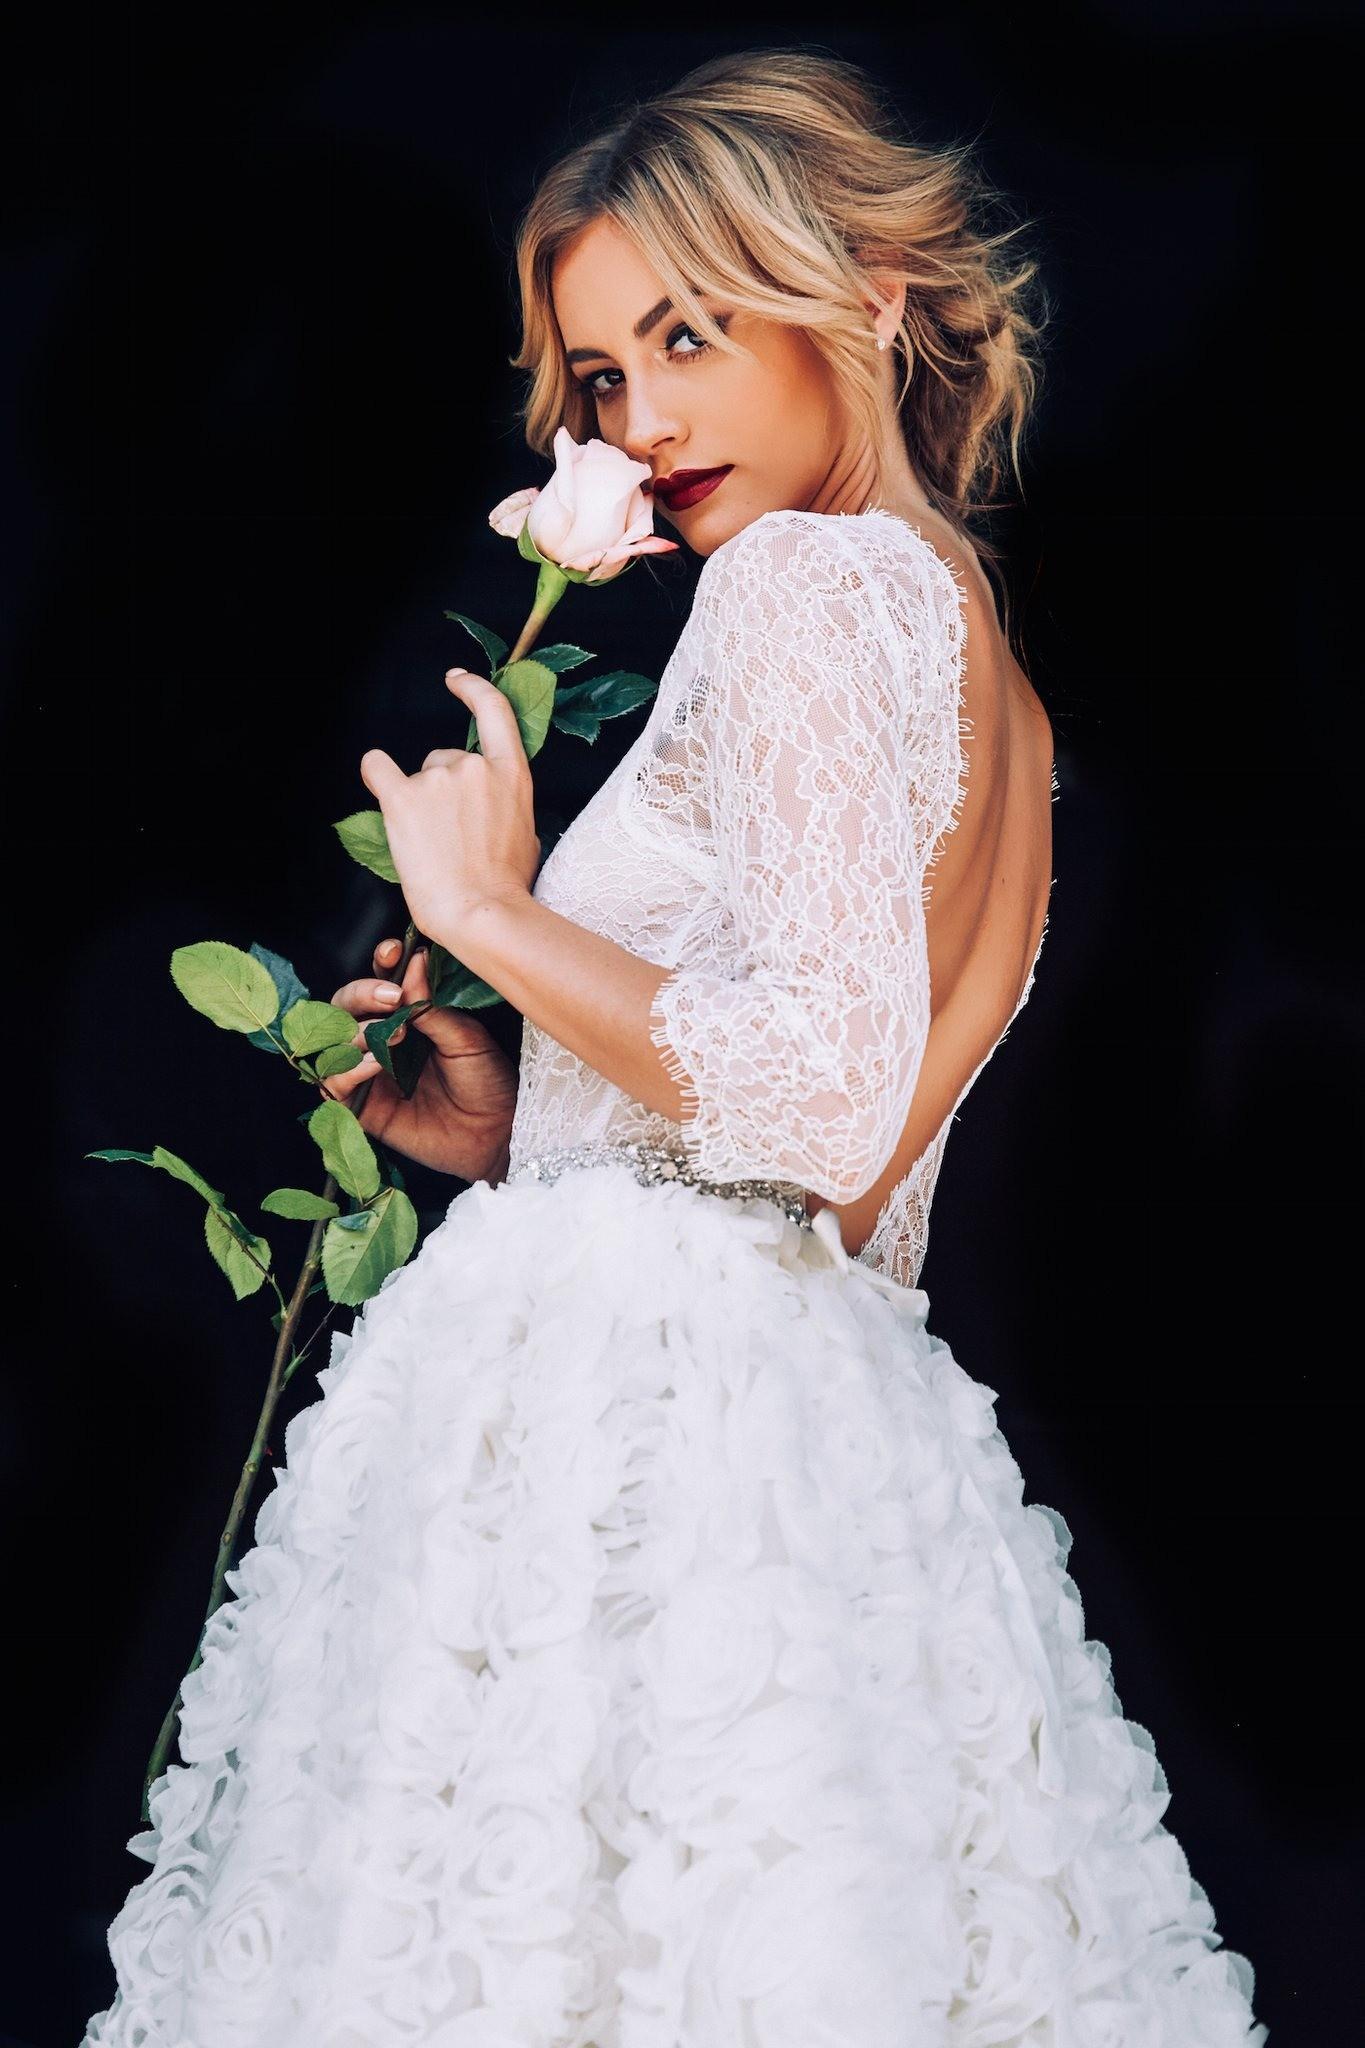 Пора в ЗАГС: красивые и благоприятные даты для свадьбы в 2019